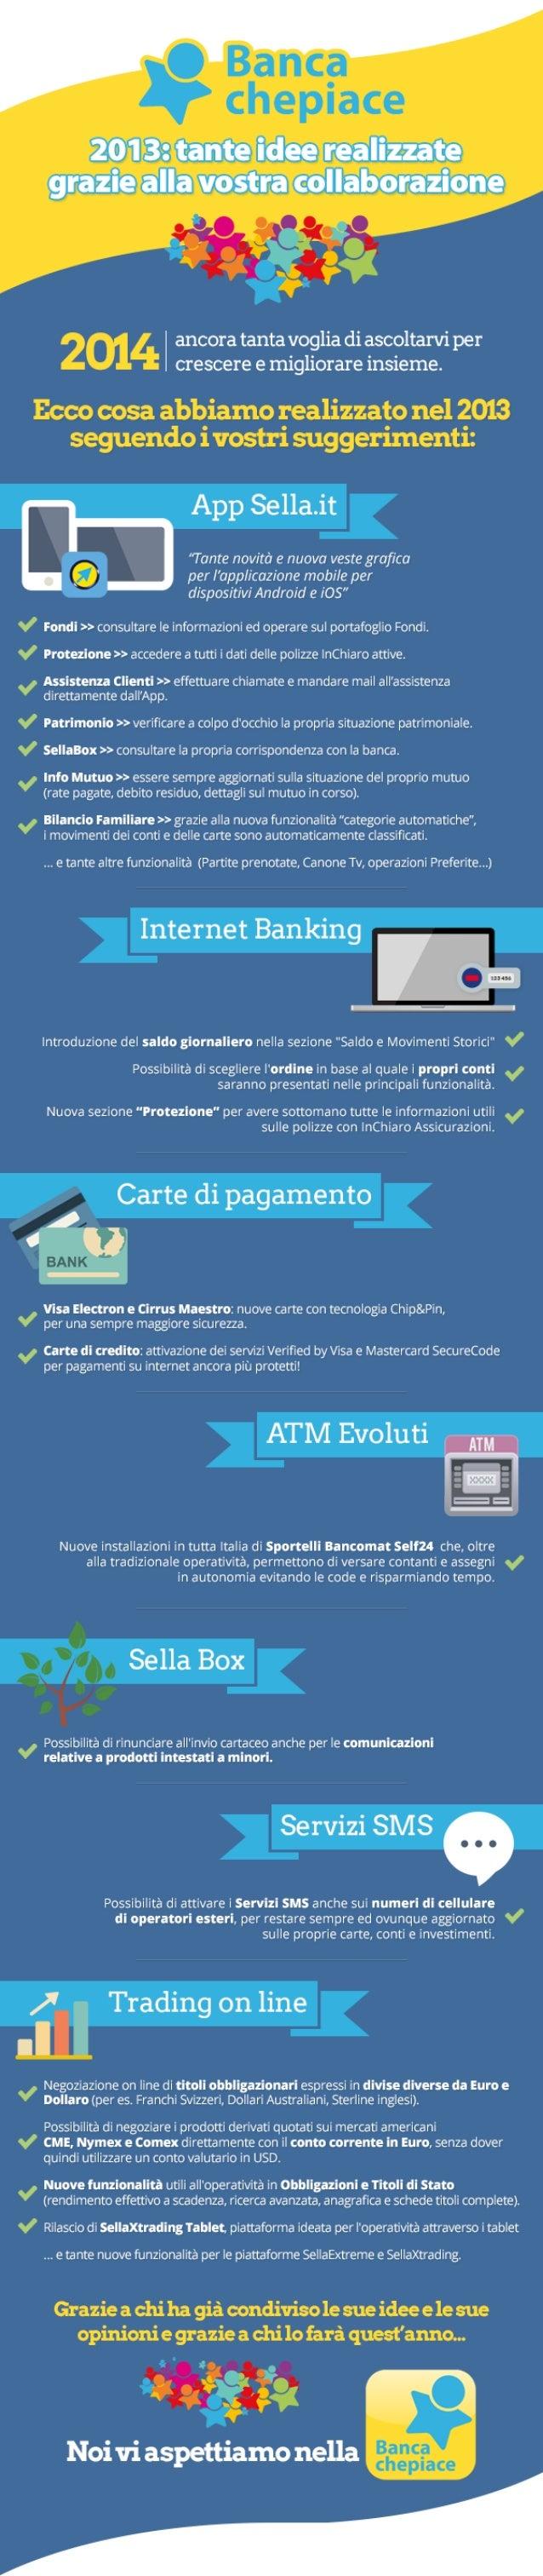 Infografica - La banca che piace: realizzazioni 2013